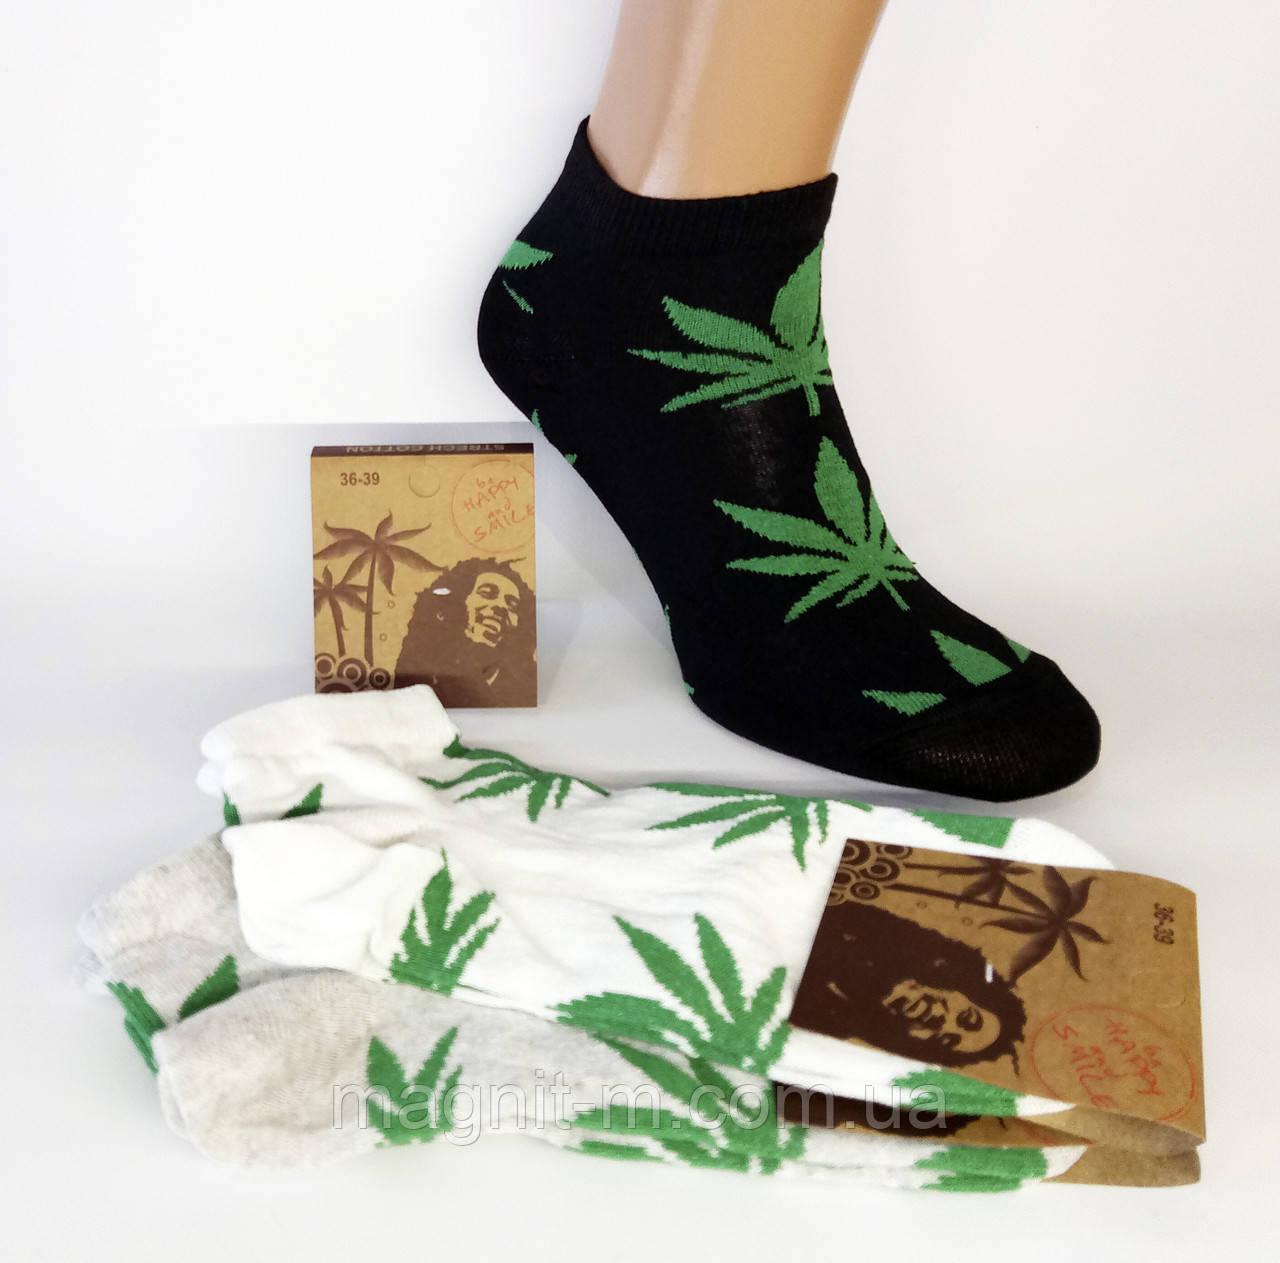 Шкарпетки жіночі укорочені. Конопля.